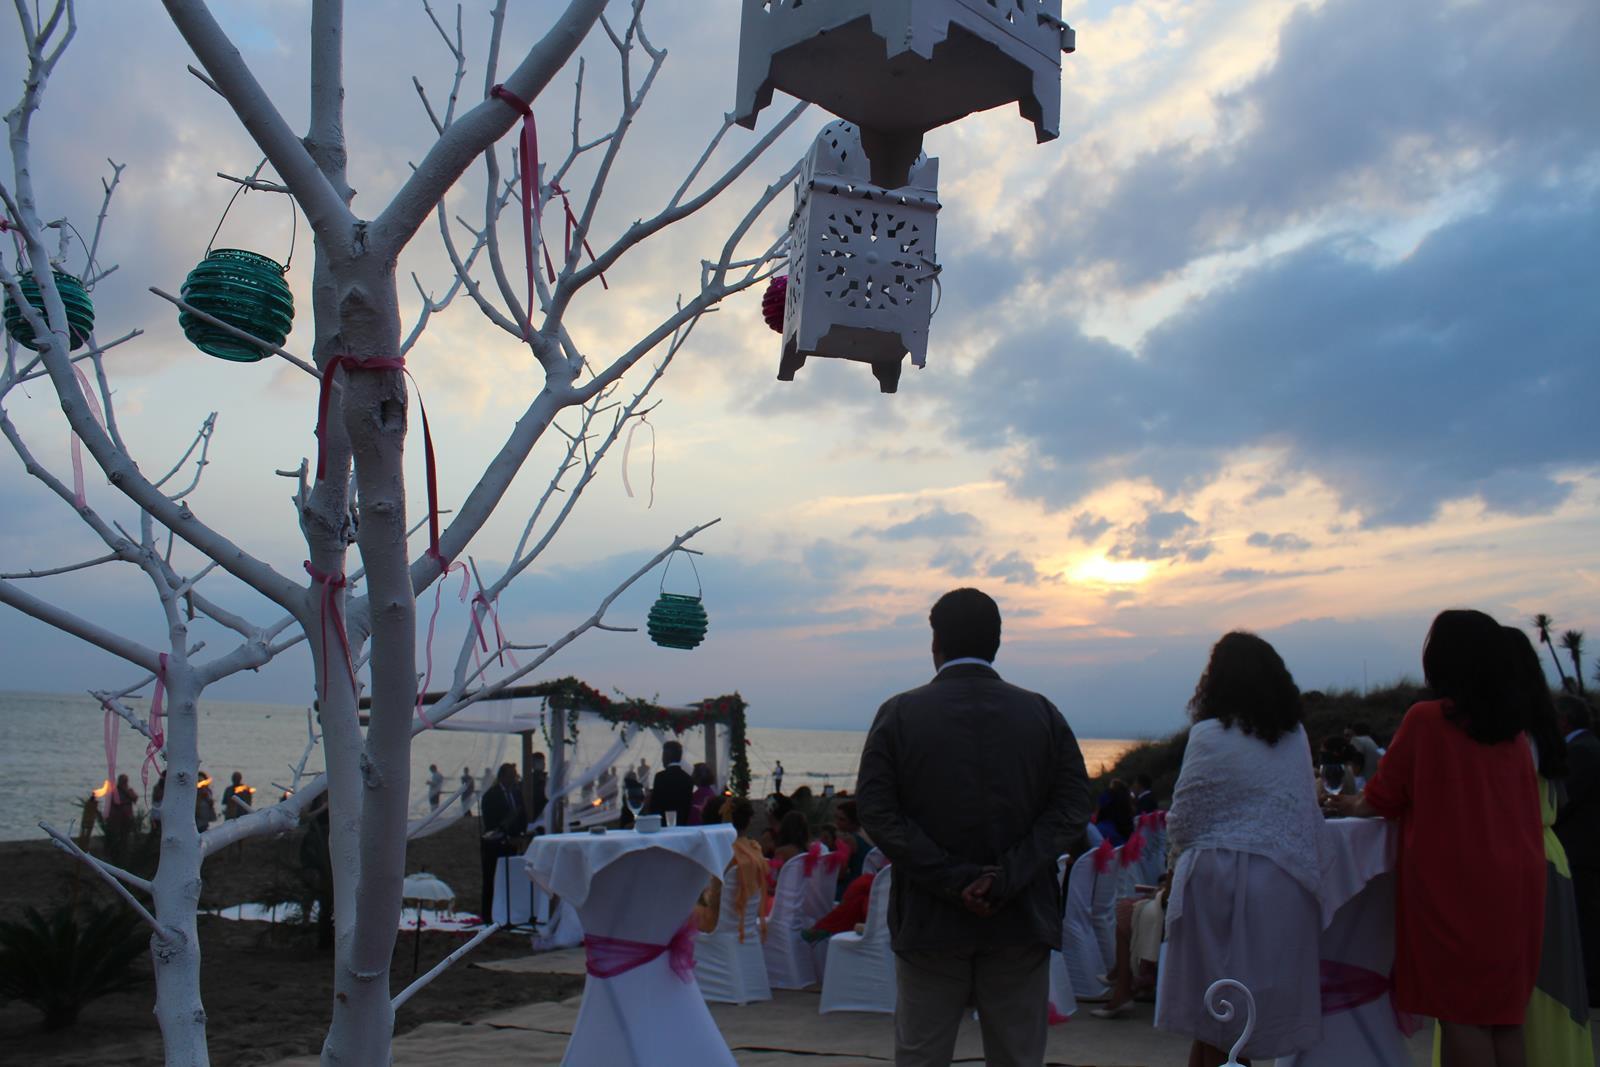 Beach wedding in Marbella